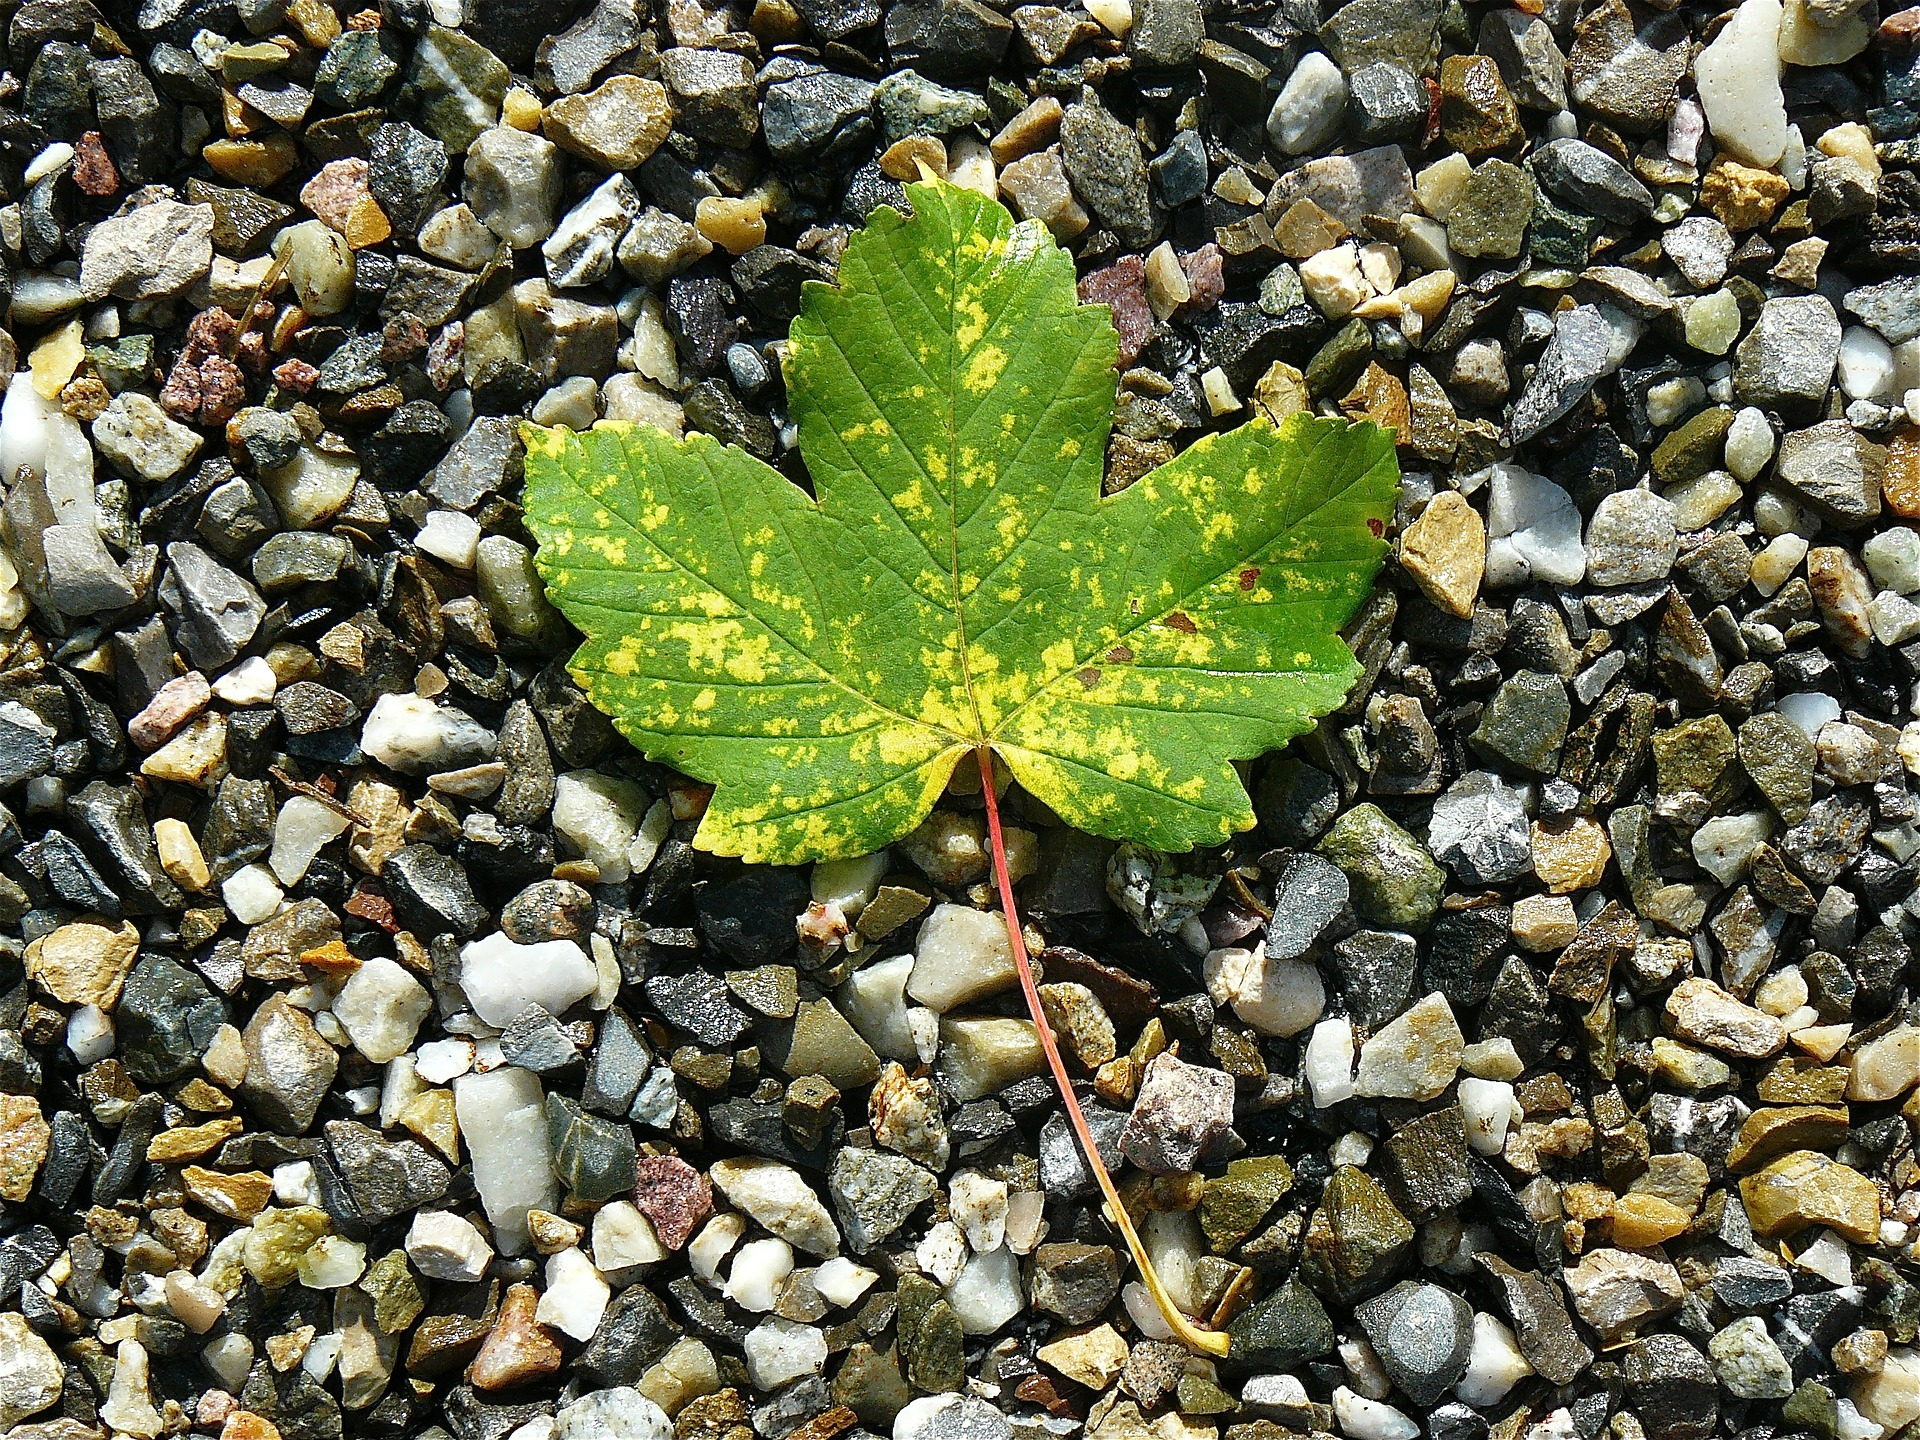 Maple leaf on stones